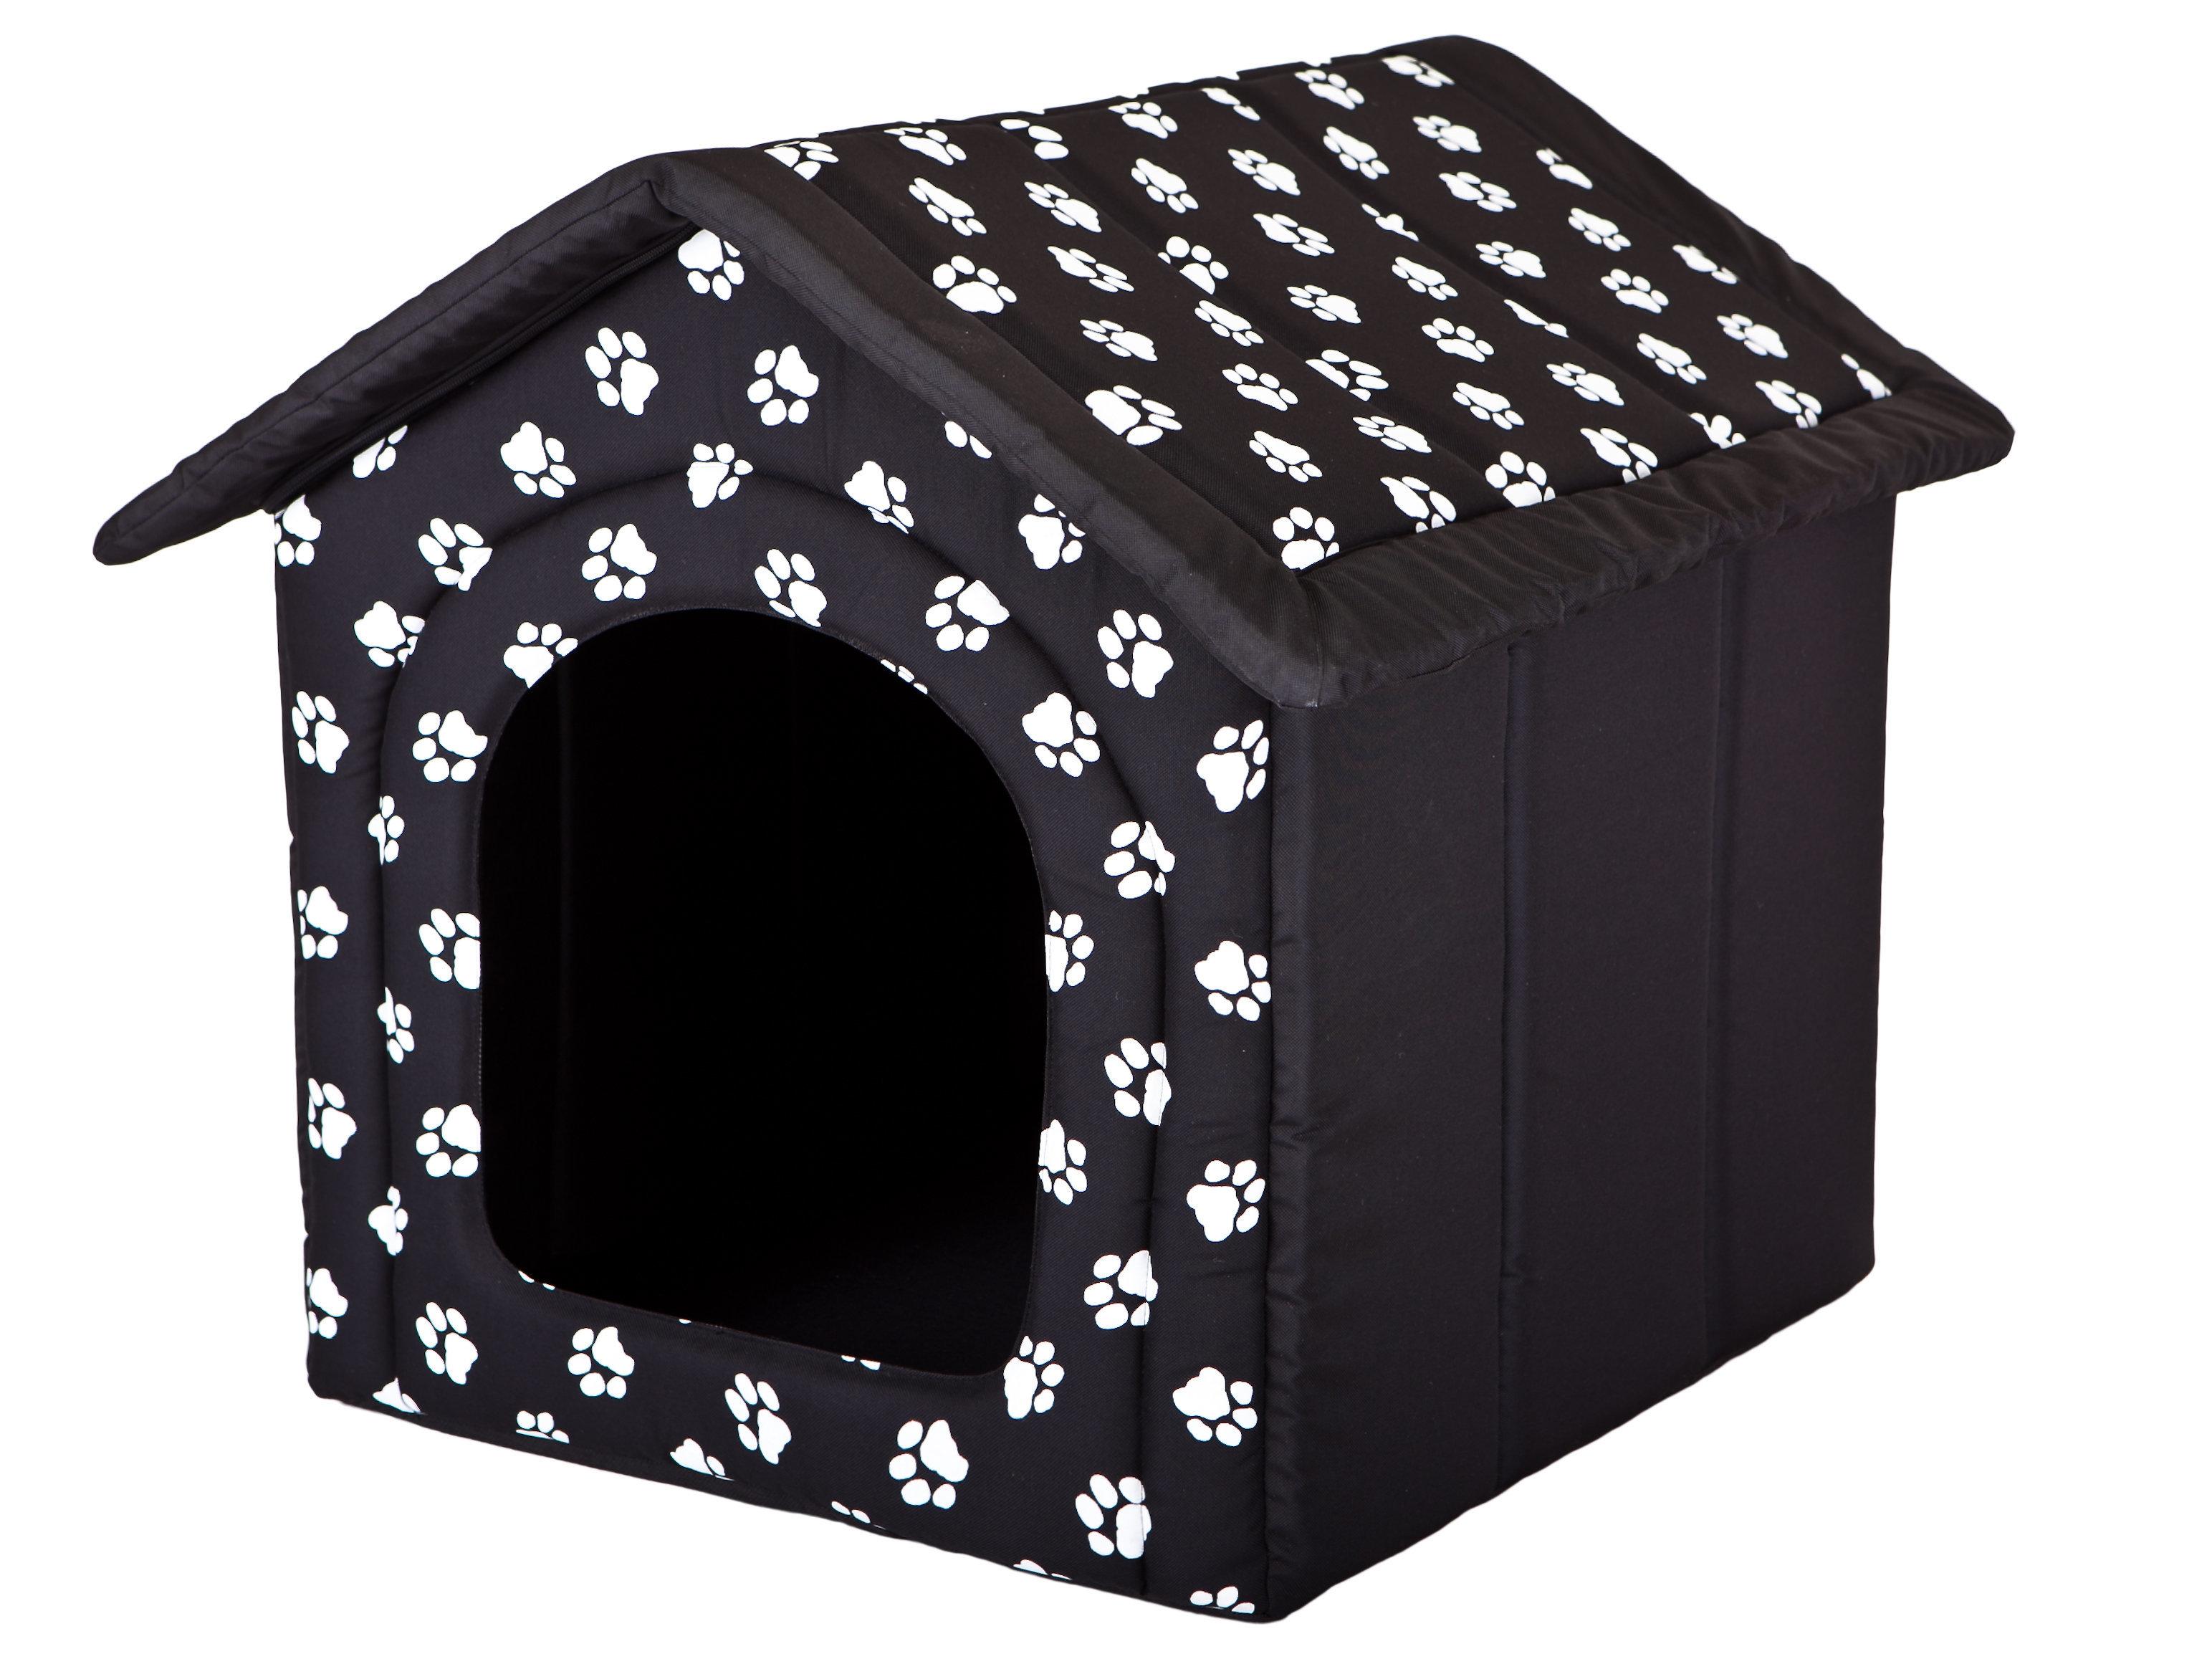 Guolis-būda Hobbydog R4 pėdutės, 60x55x60 cm, juodas